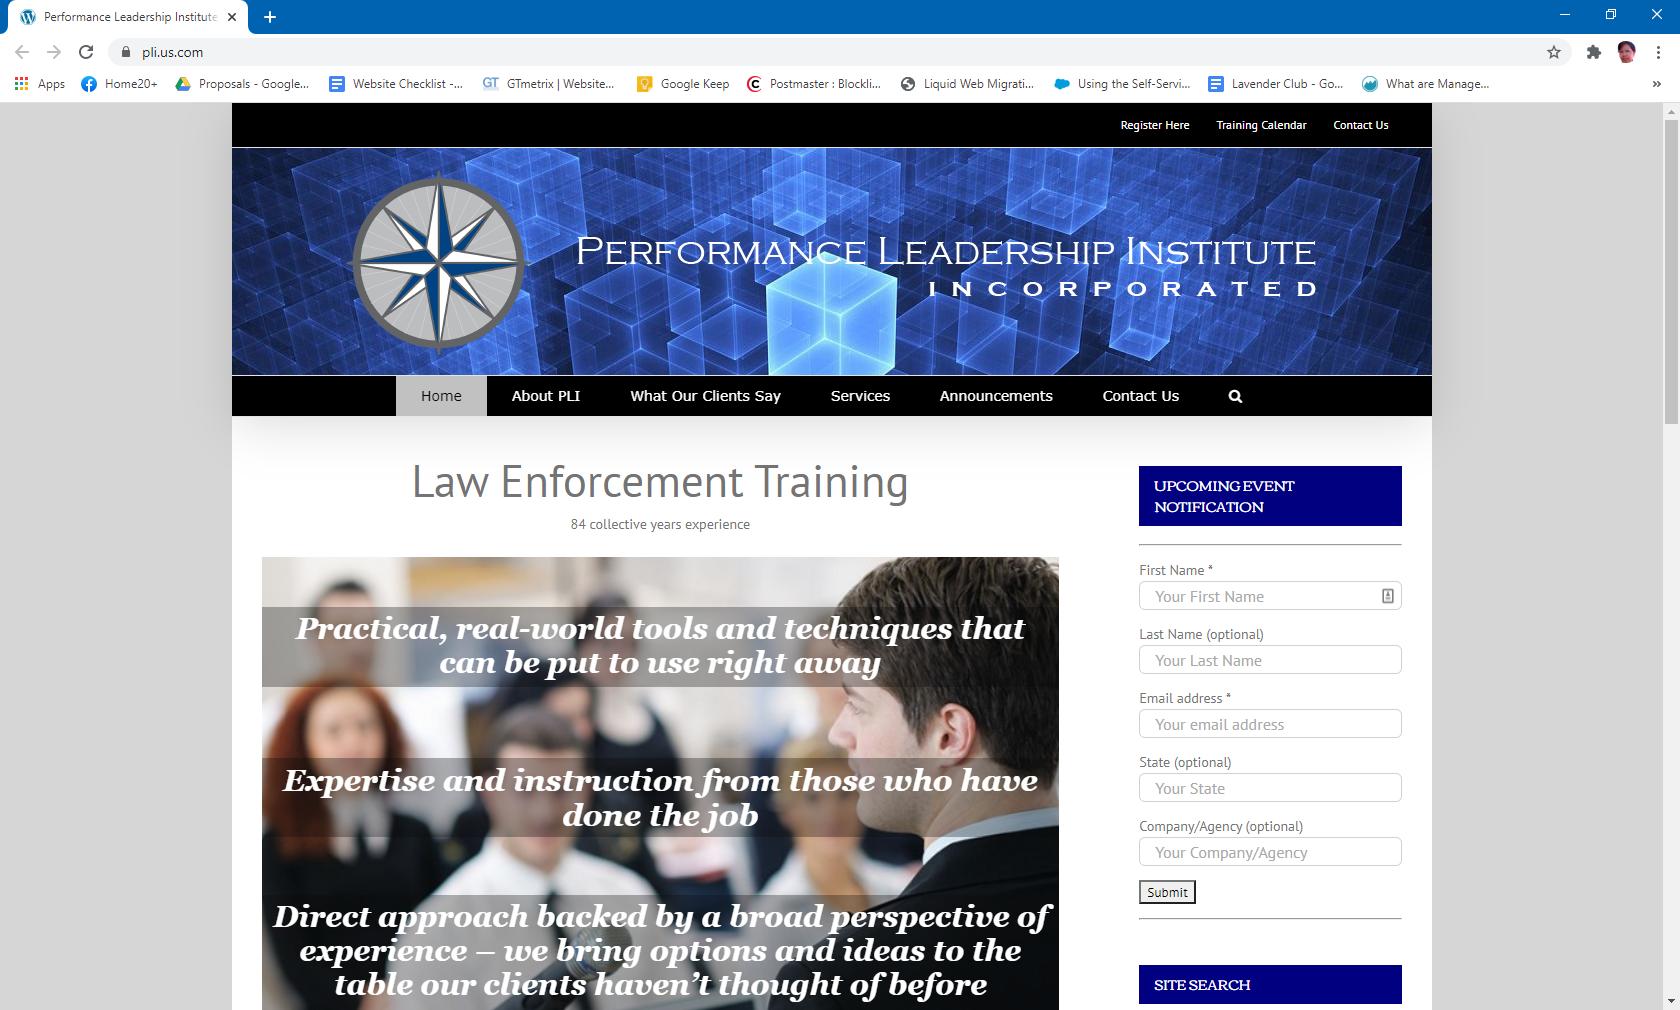 Performance Leadership Institute, Inc.